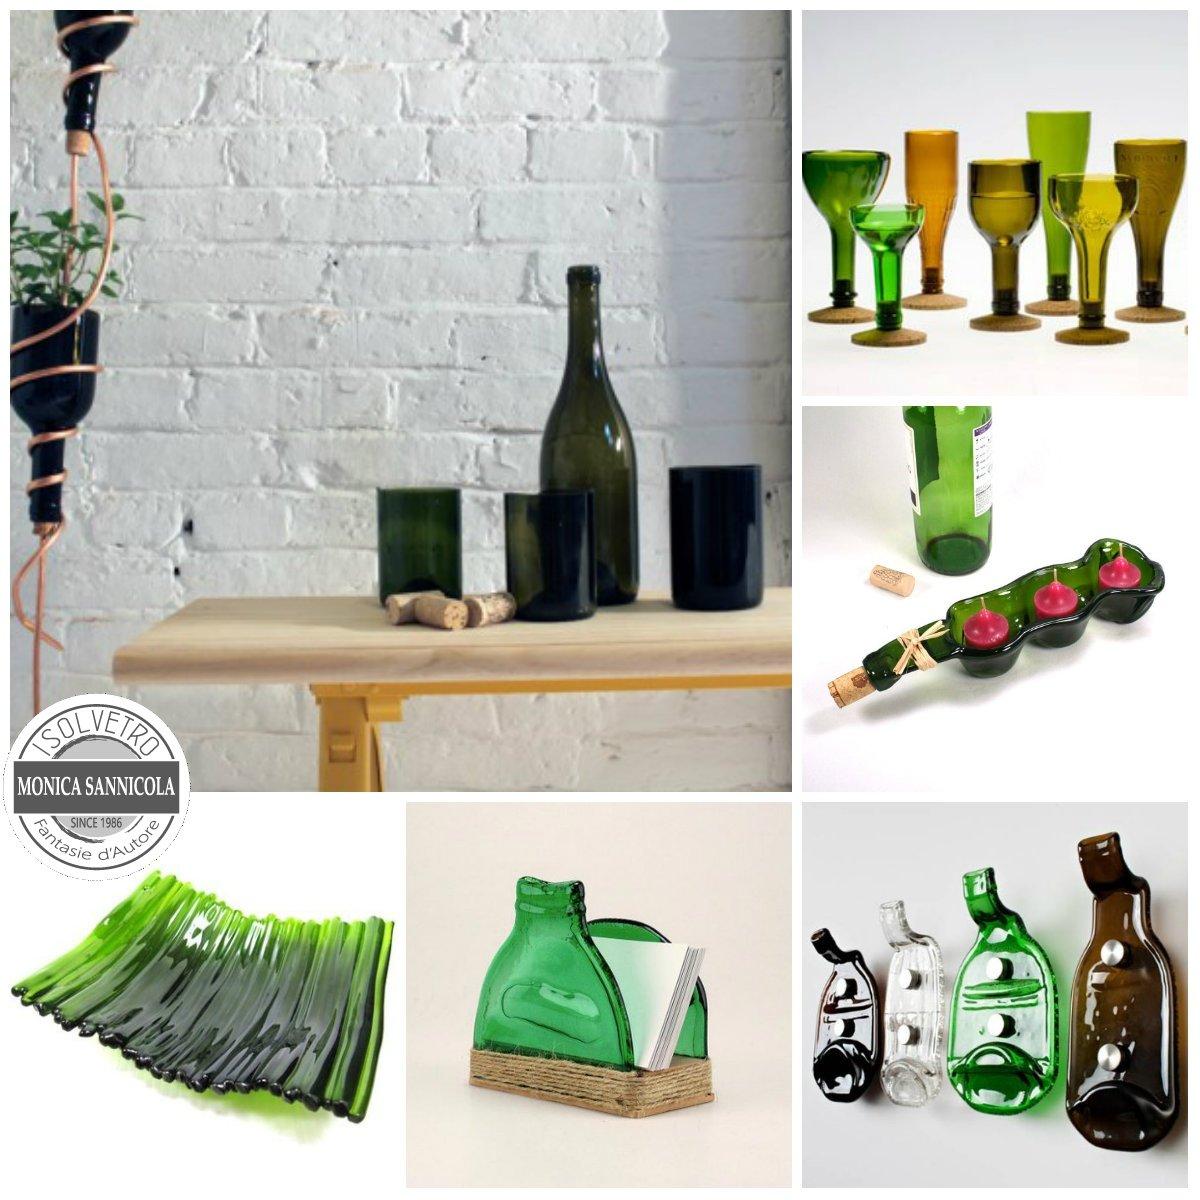 bottiglie reciclate e modellate per essere bicchieri, appendiabiti, vasi, ecc